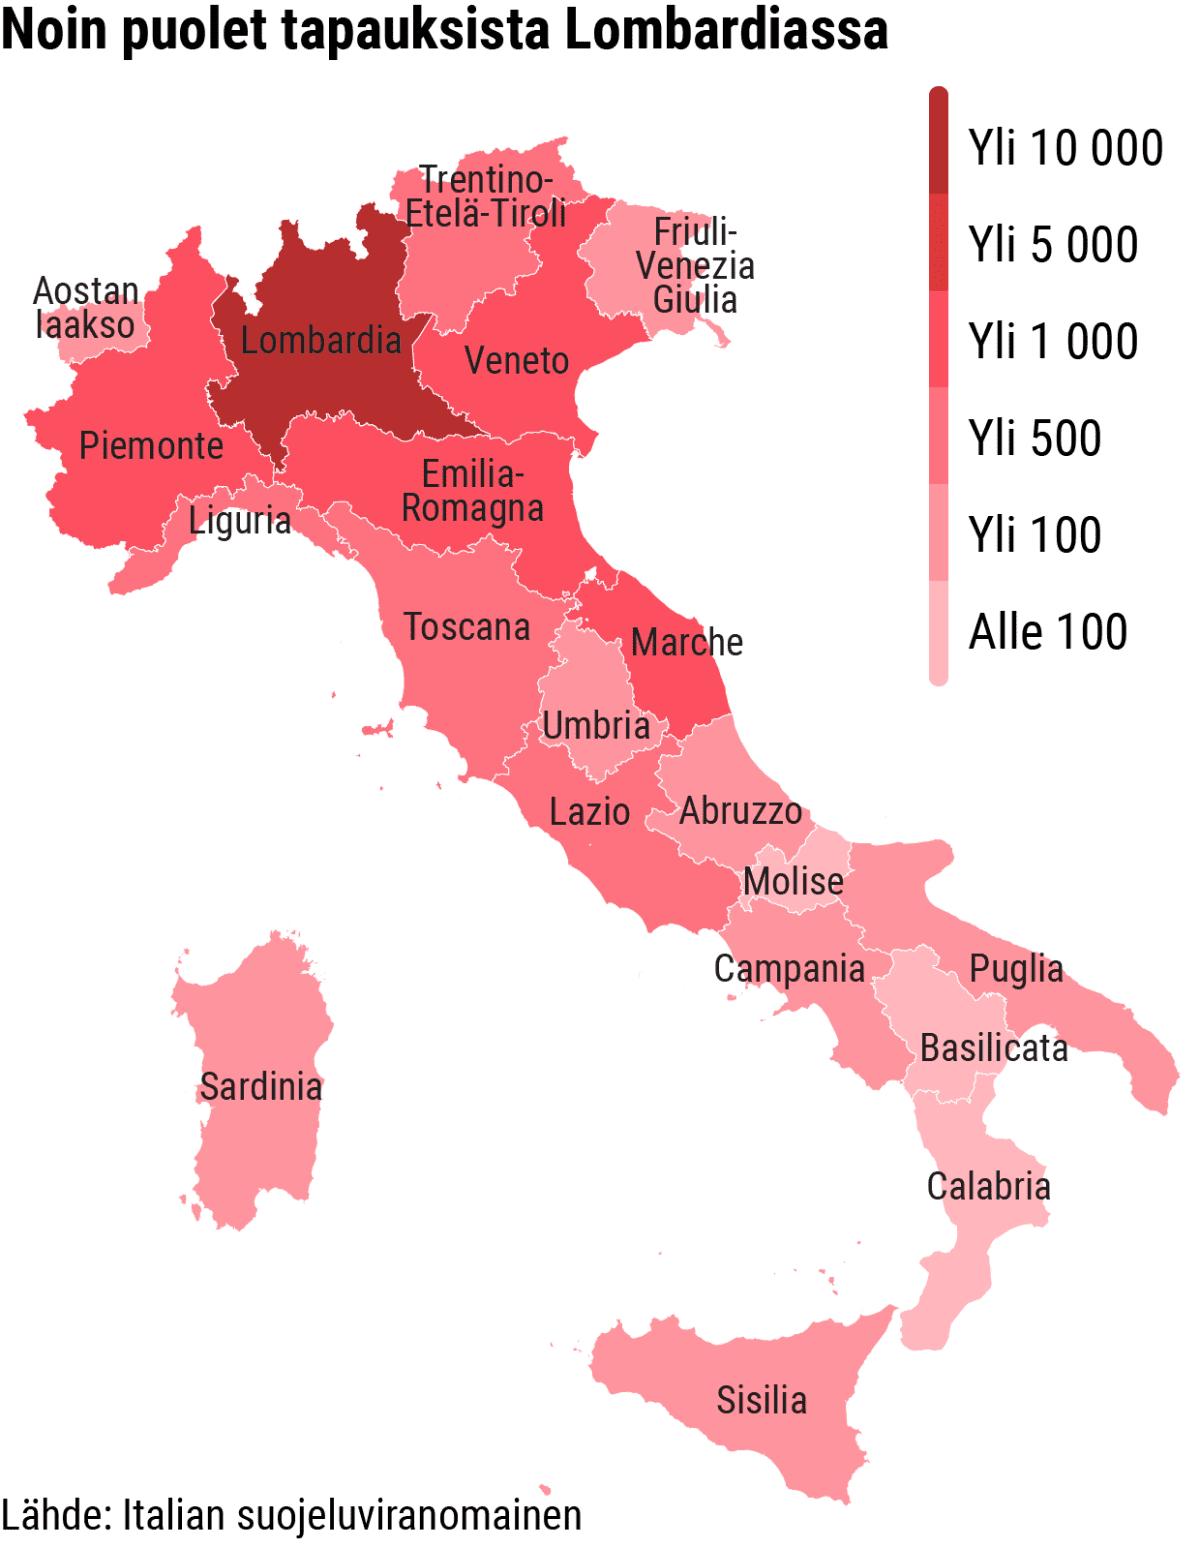 Infokartta koronavirukseen sairastuneiden varmistuneiden tapausten määrästä Italiassa maakunnittain.